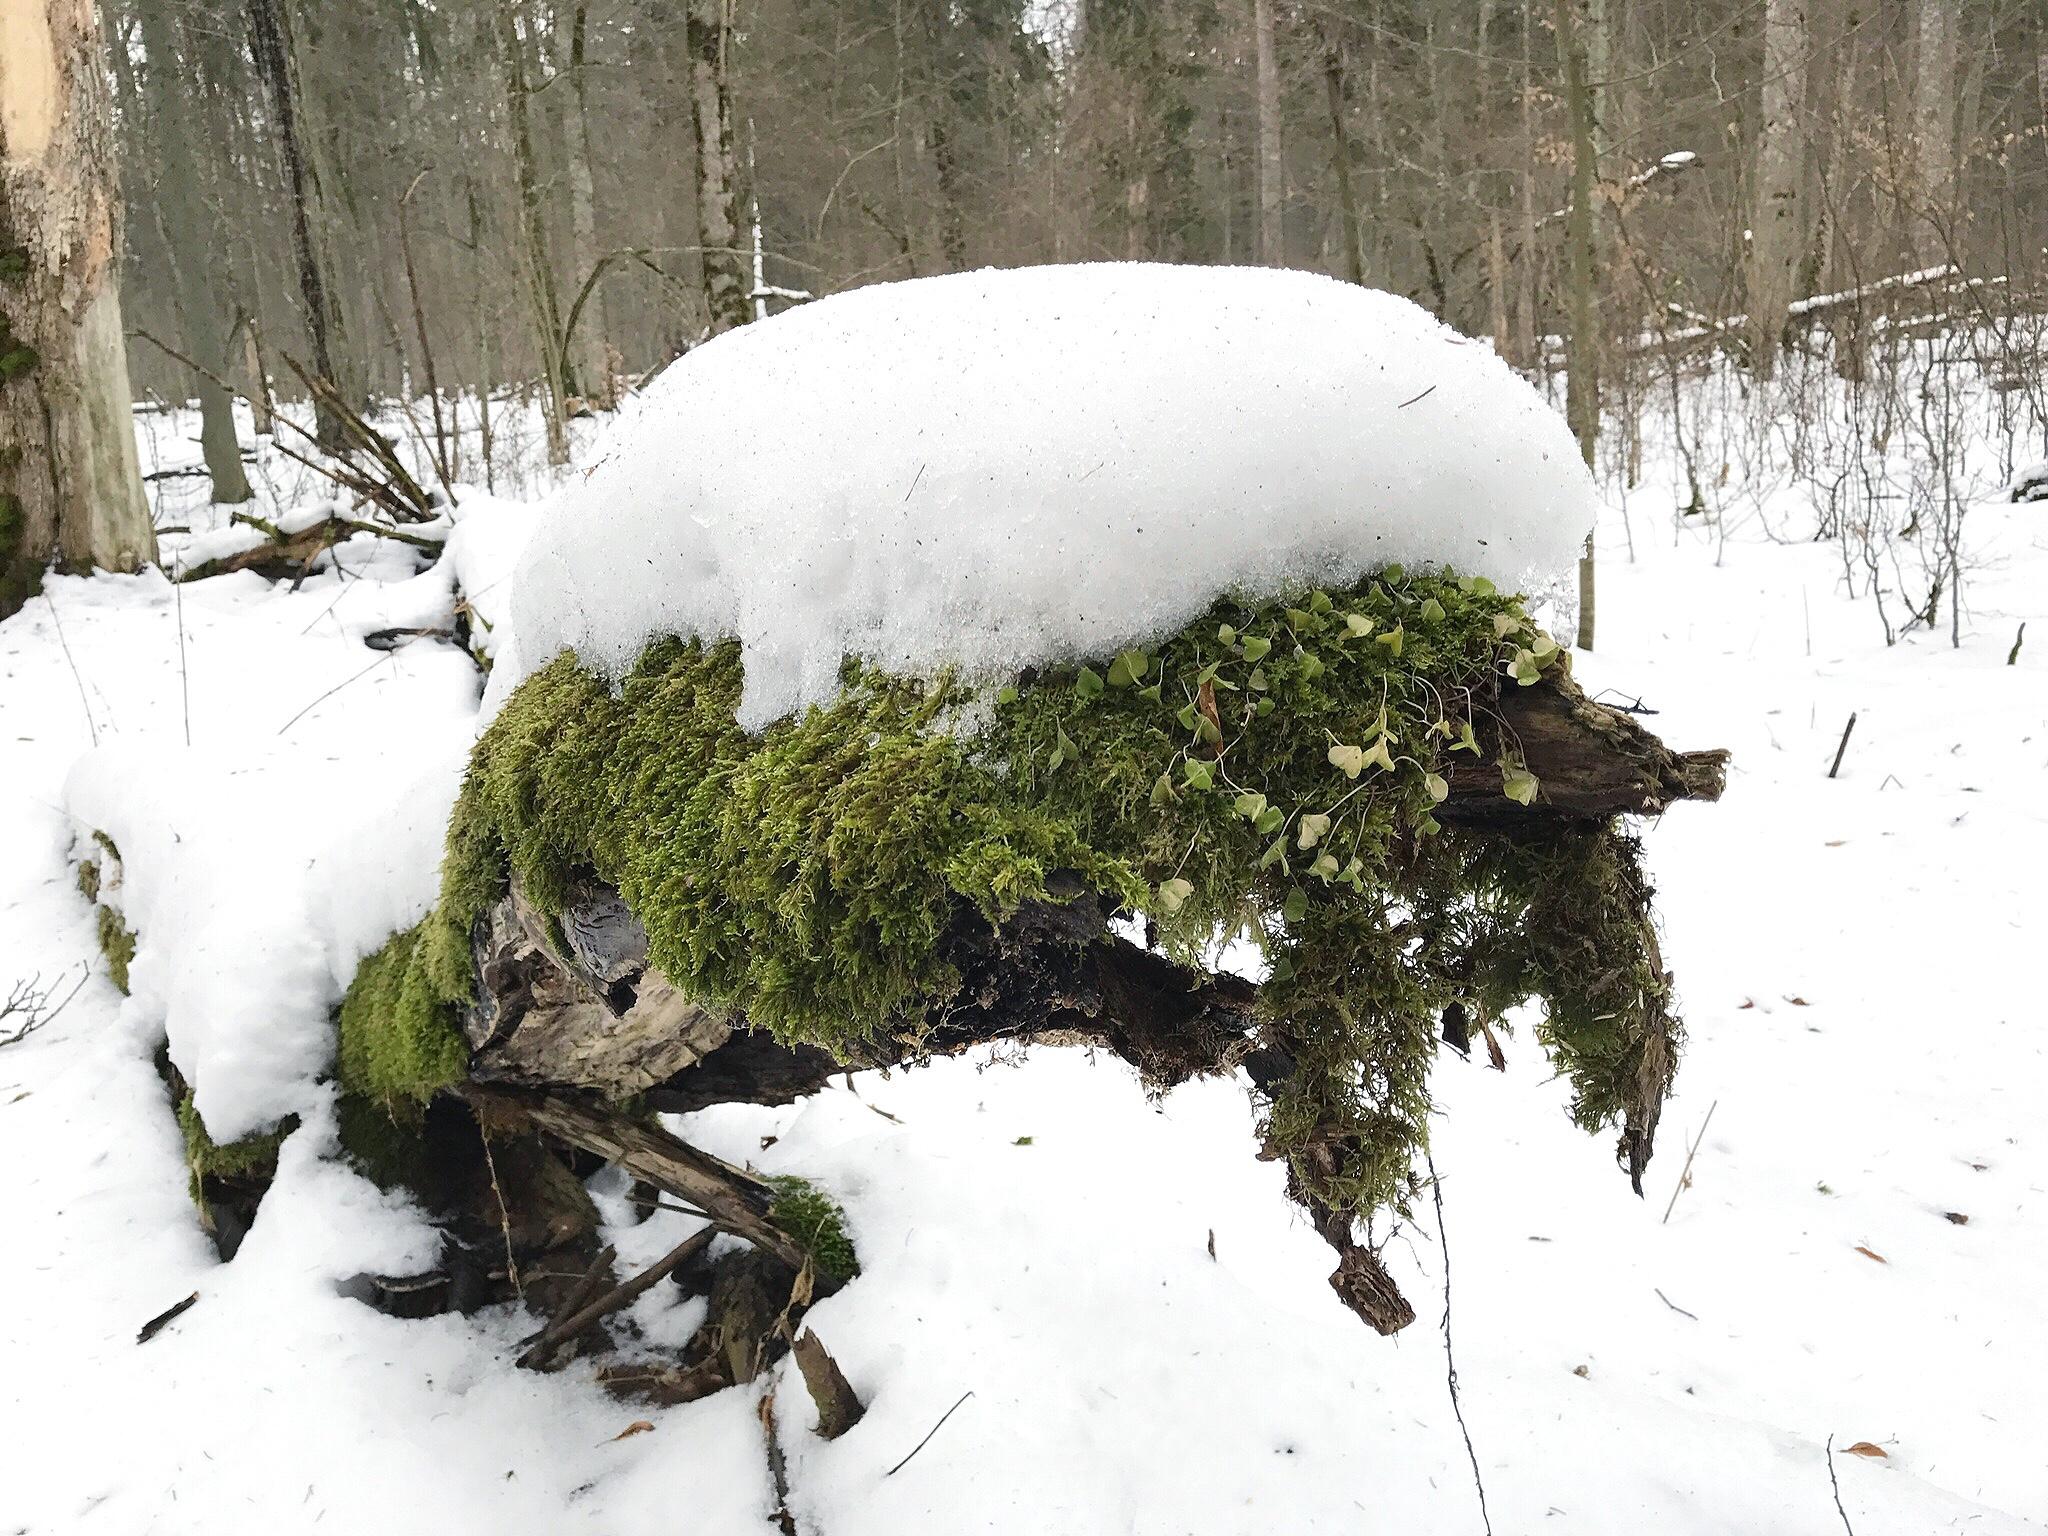 snow-log-bialowieza-forest.jpg